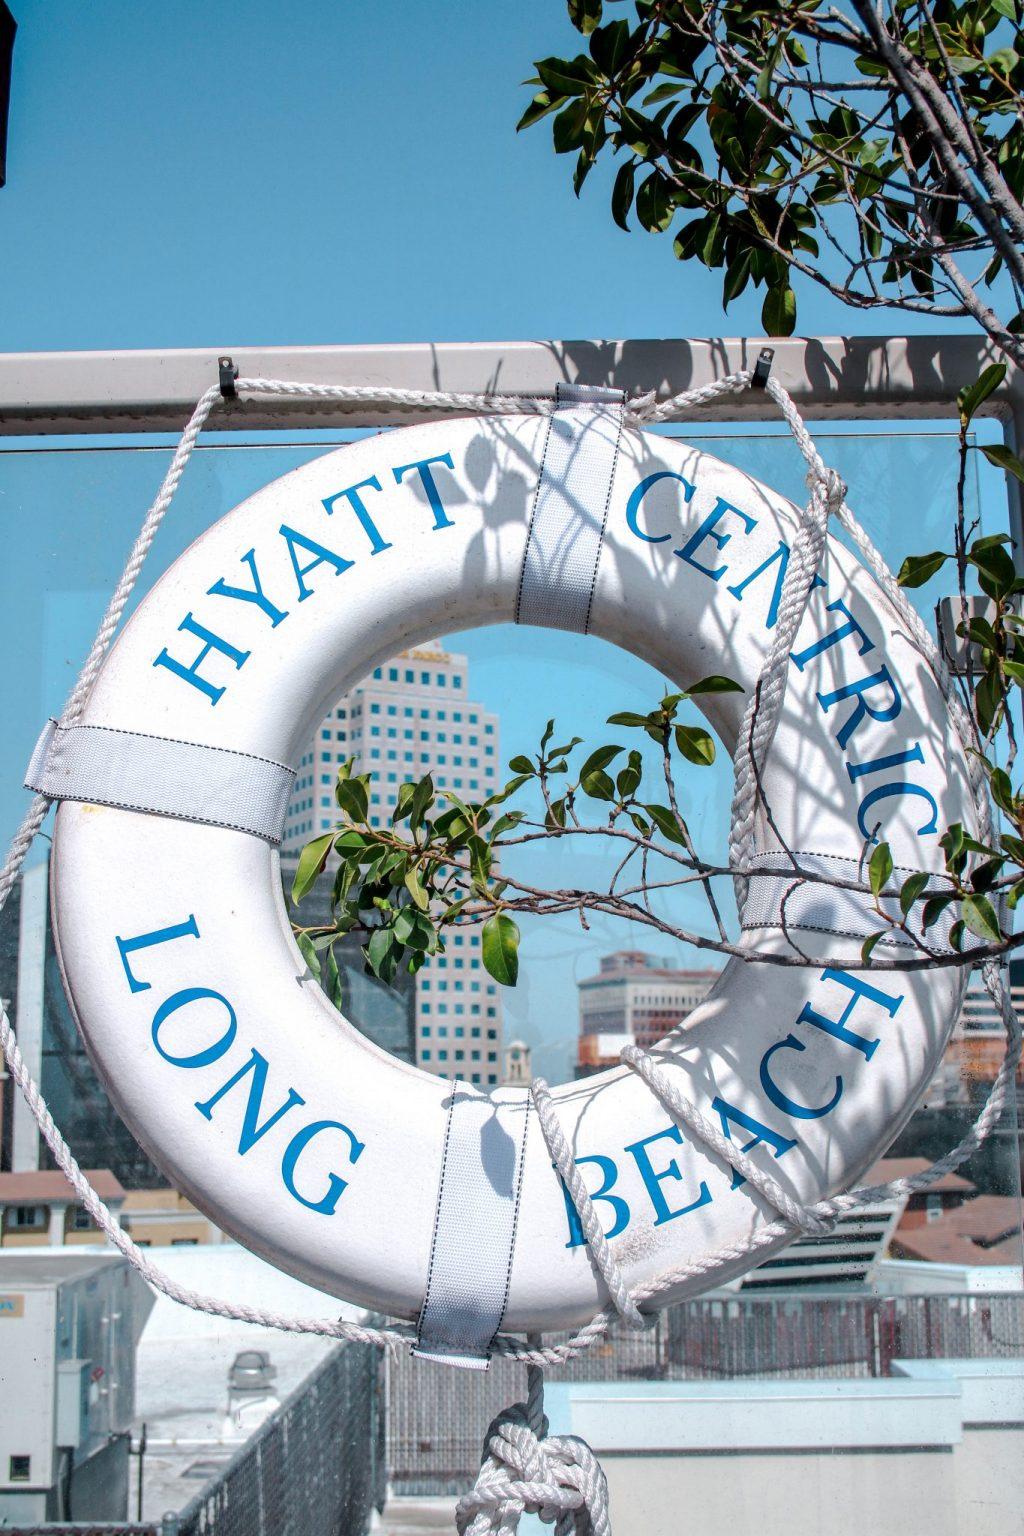 Things to do in Long Beach, California